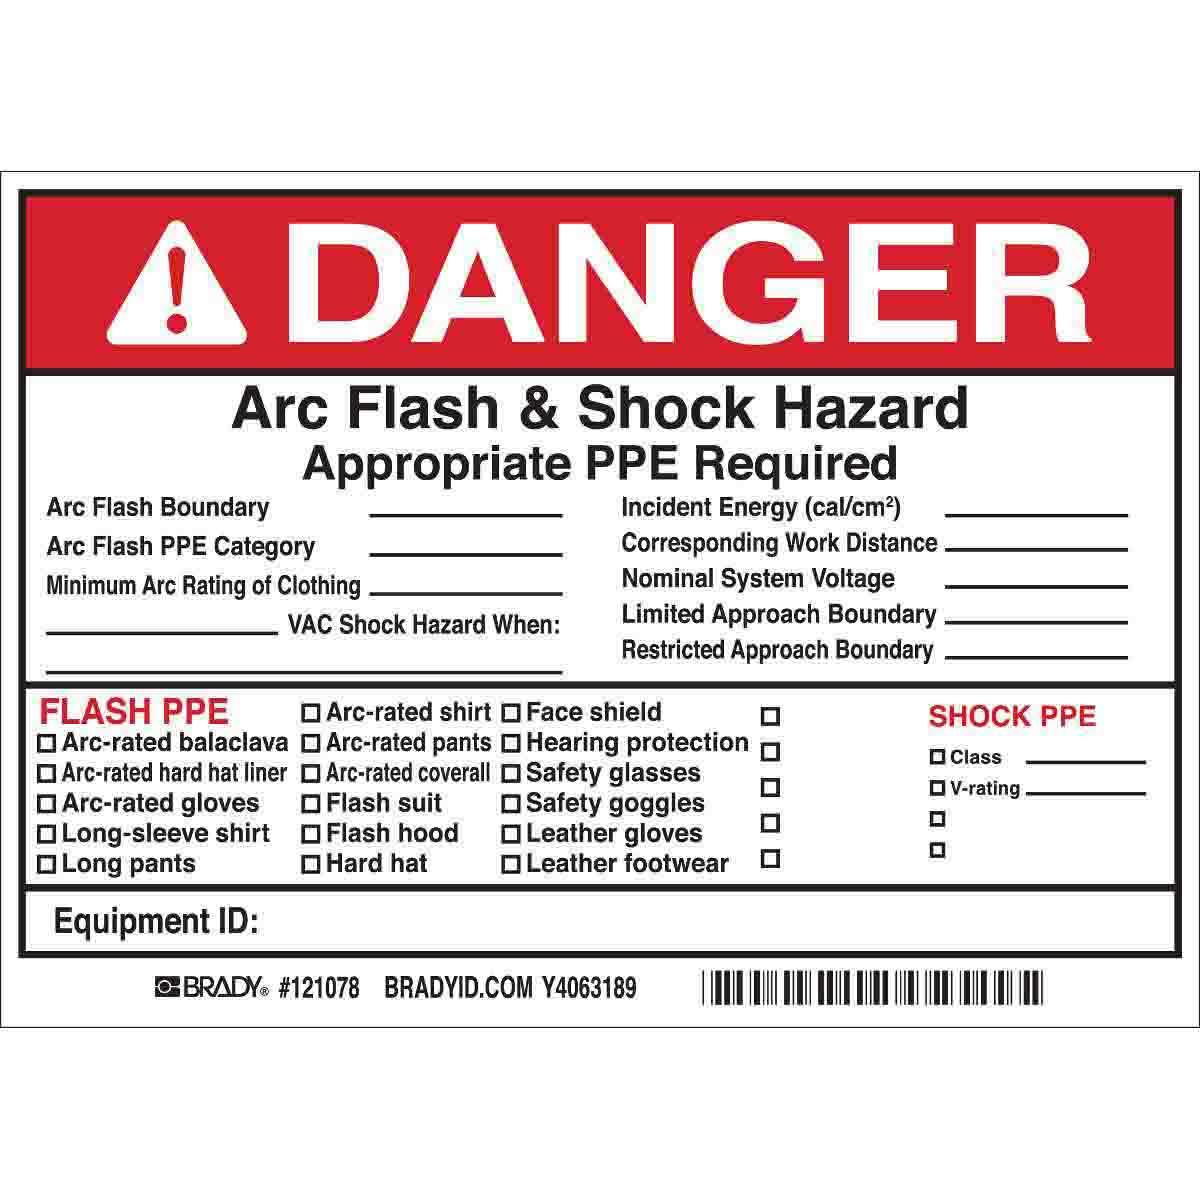 Brady part 121078 danger arc flash boundary arc flash for Danger arc flash labels